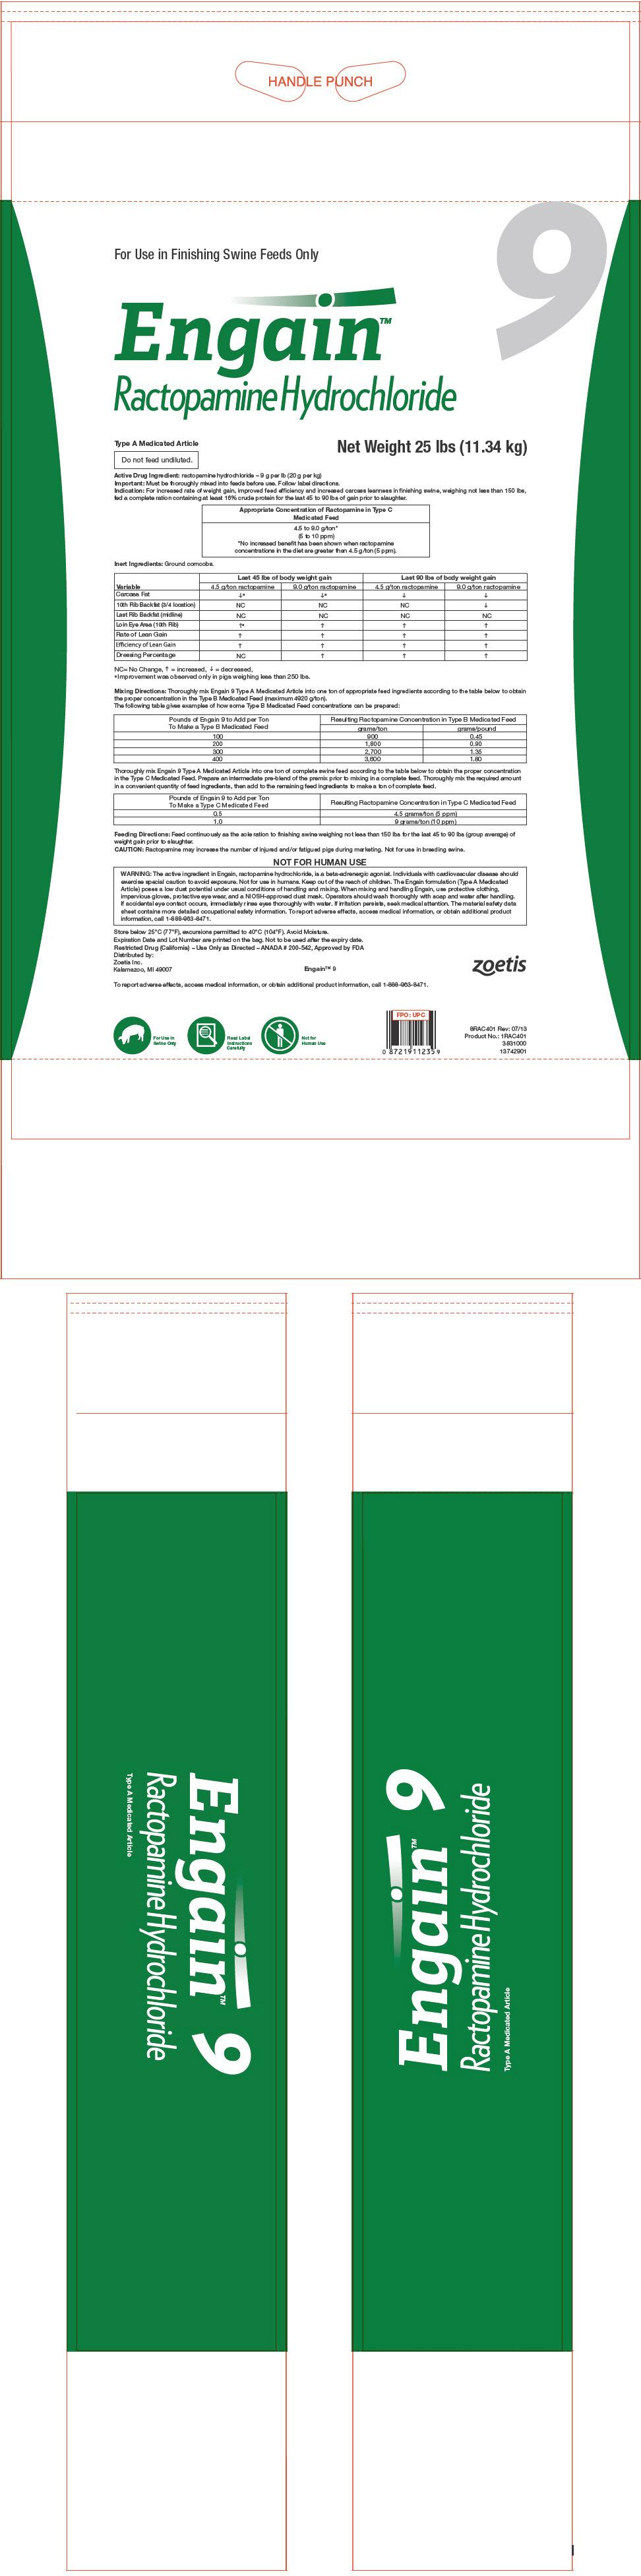 PRINCIPAL DISPLAY PANEL - 11.34 kg Bag Label